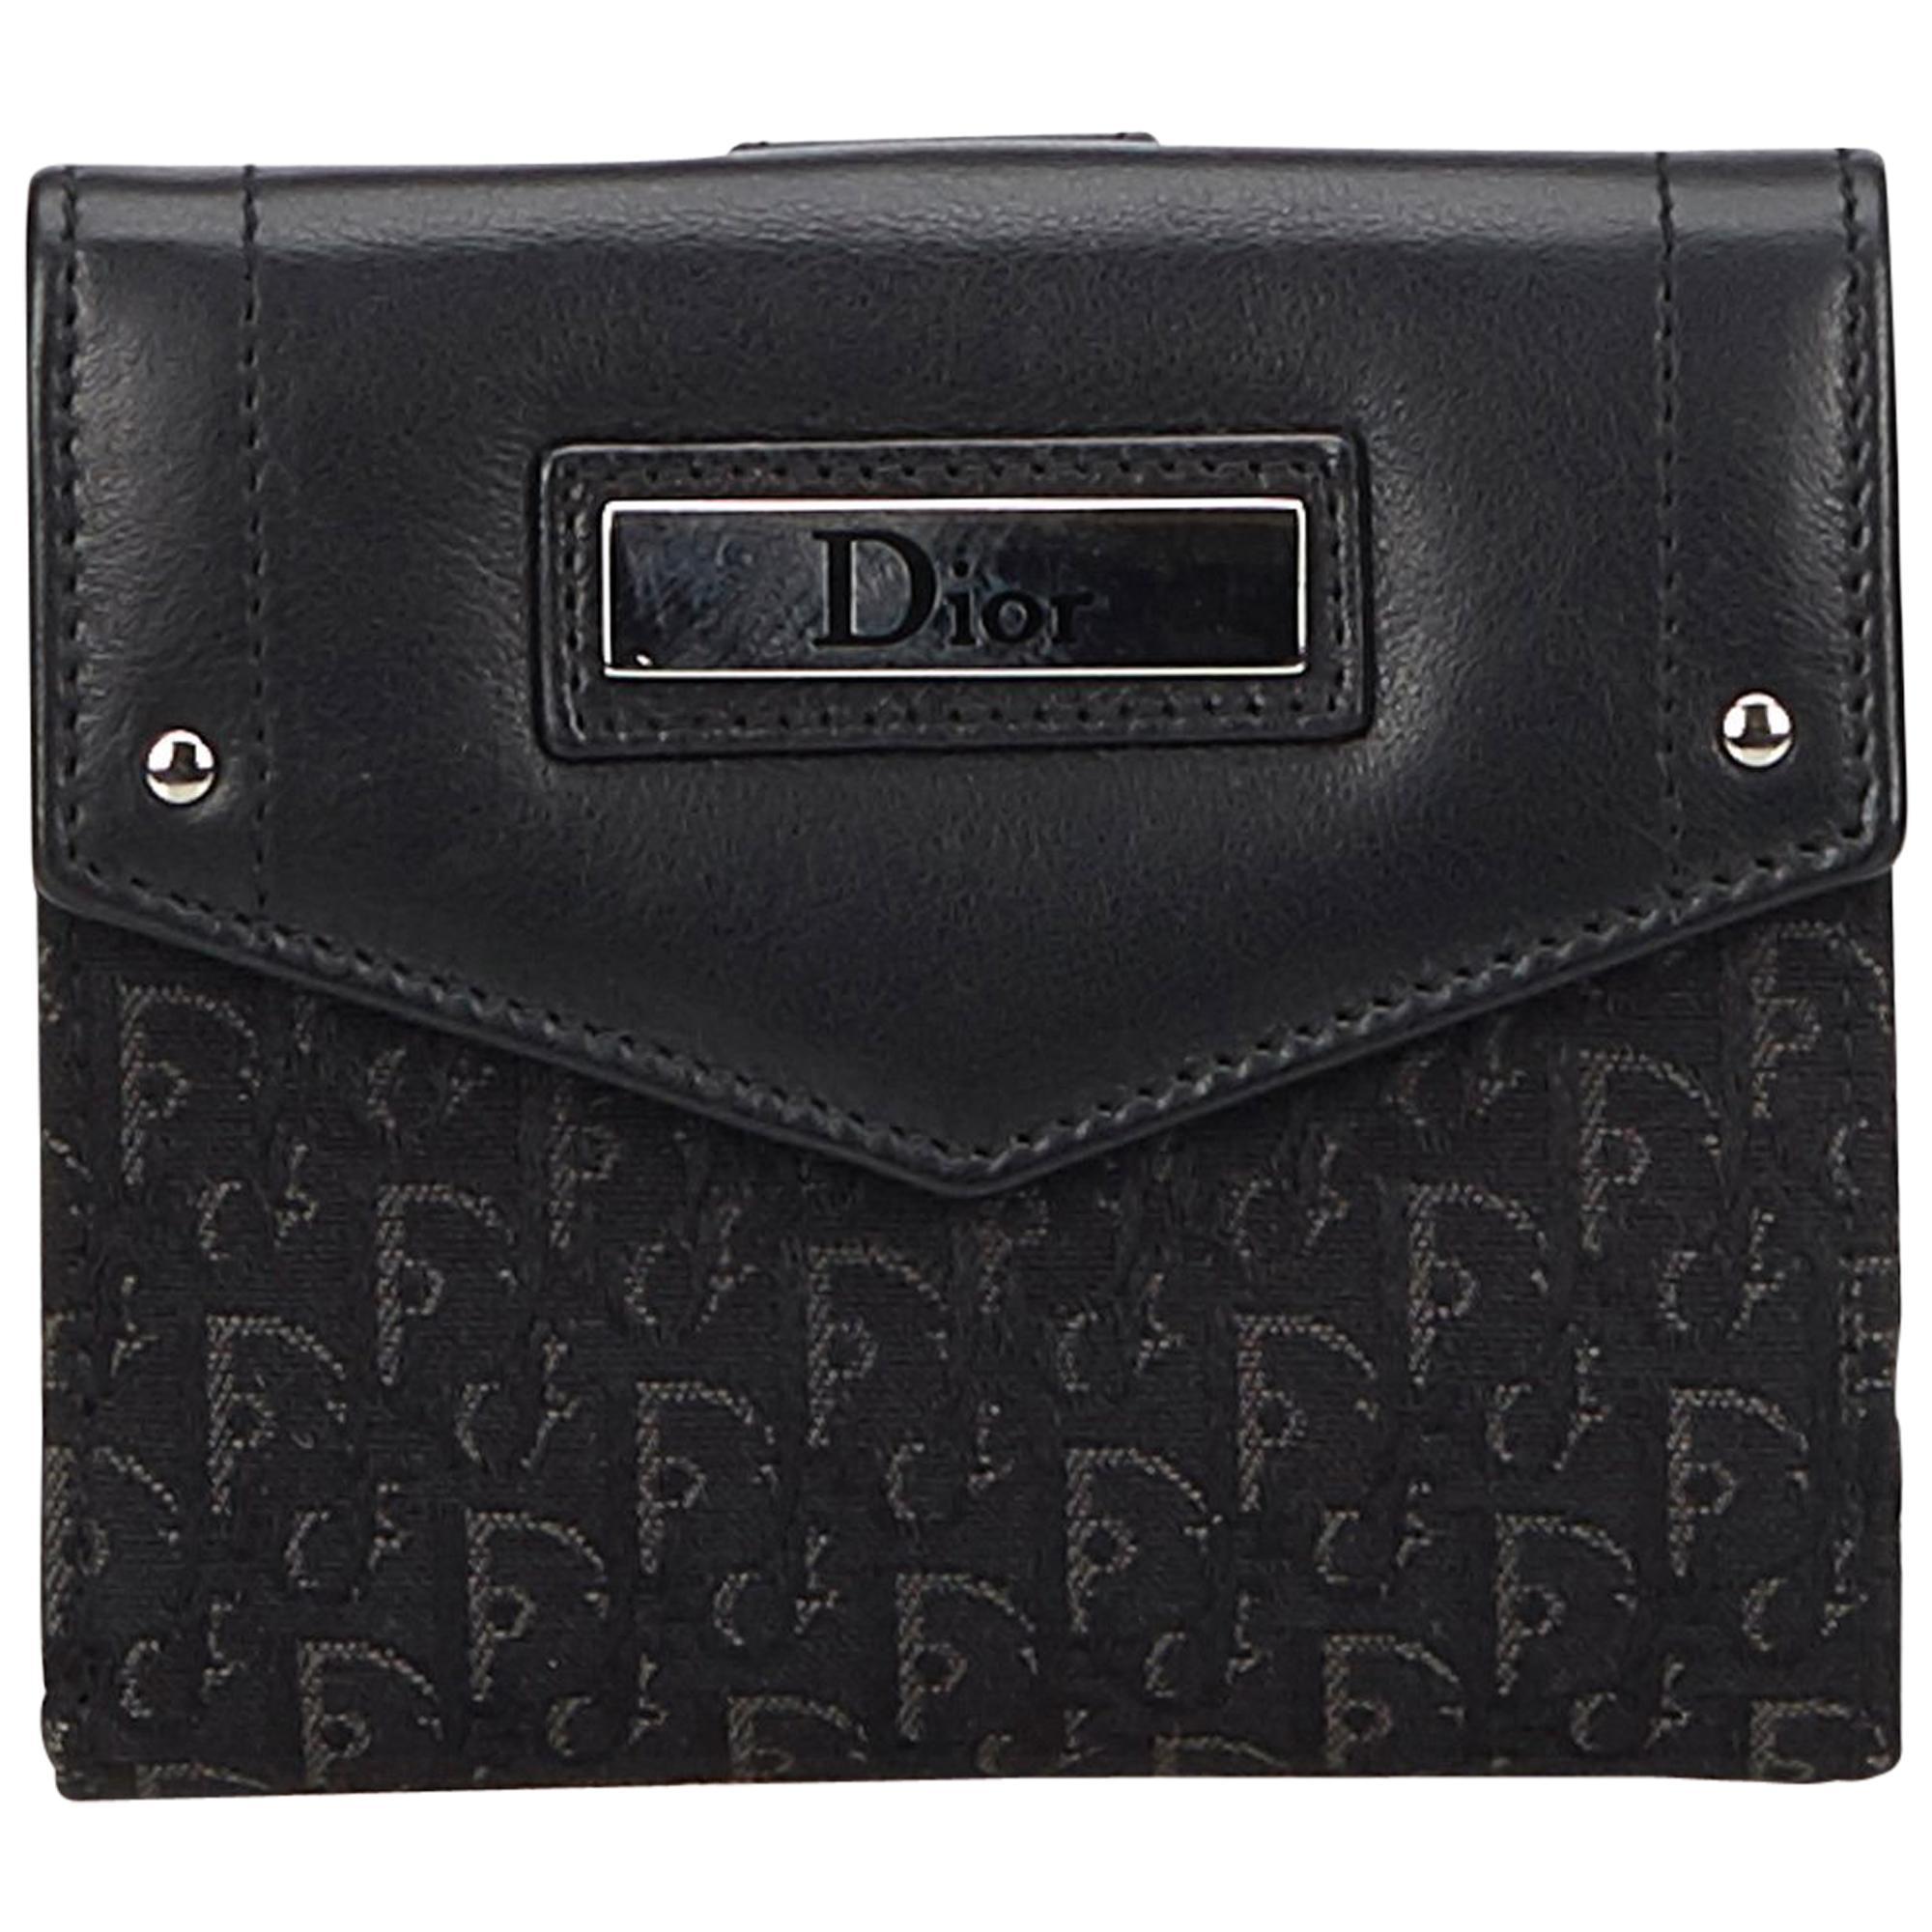 1c3364c0c557a Dior Black Schräge Kleine Brieftasche im Angebot bei 1stdibs